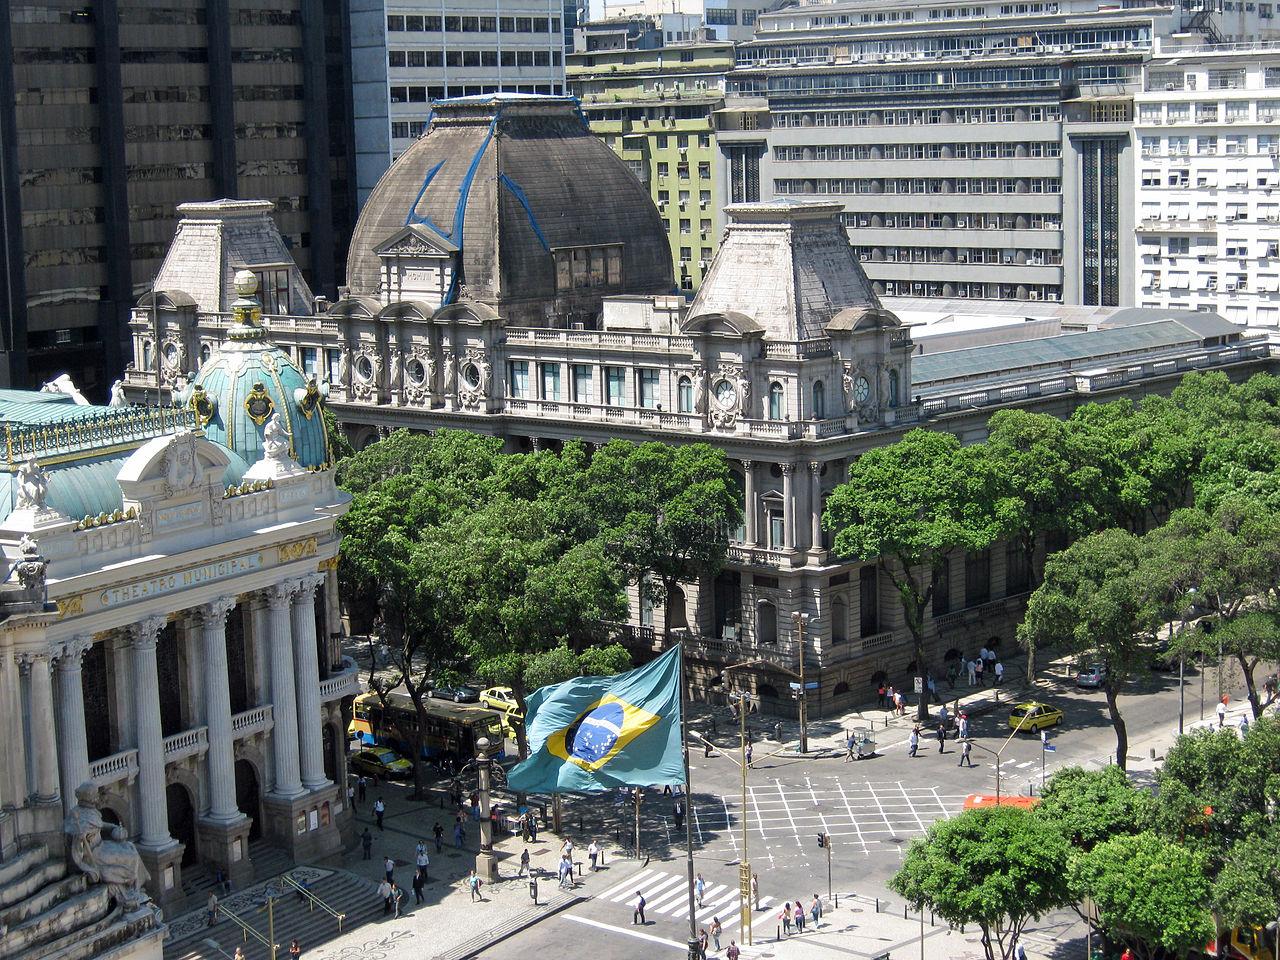 Вид на муниципальный театр и Национальный музей изобразительных искусств, Рио-де-Жанейро